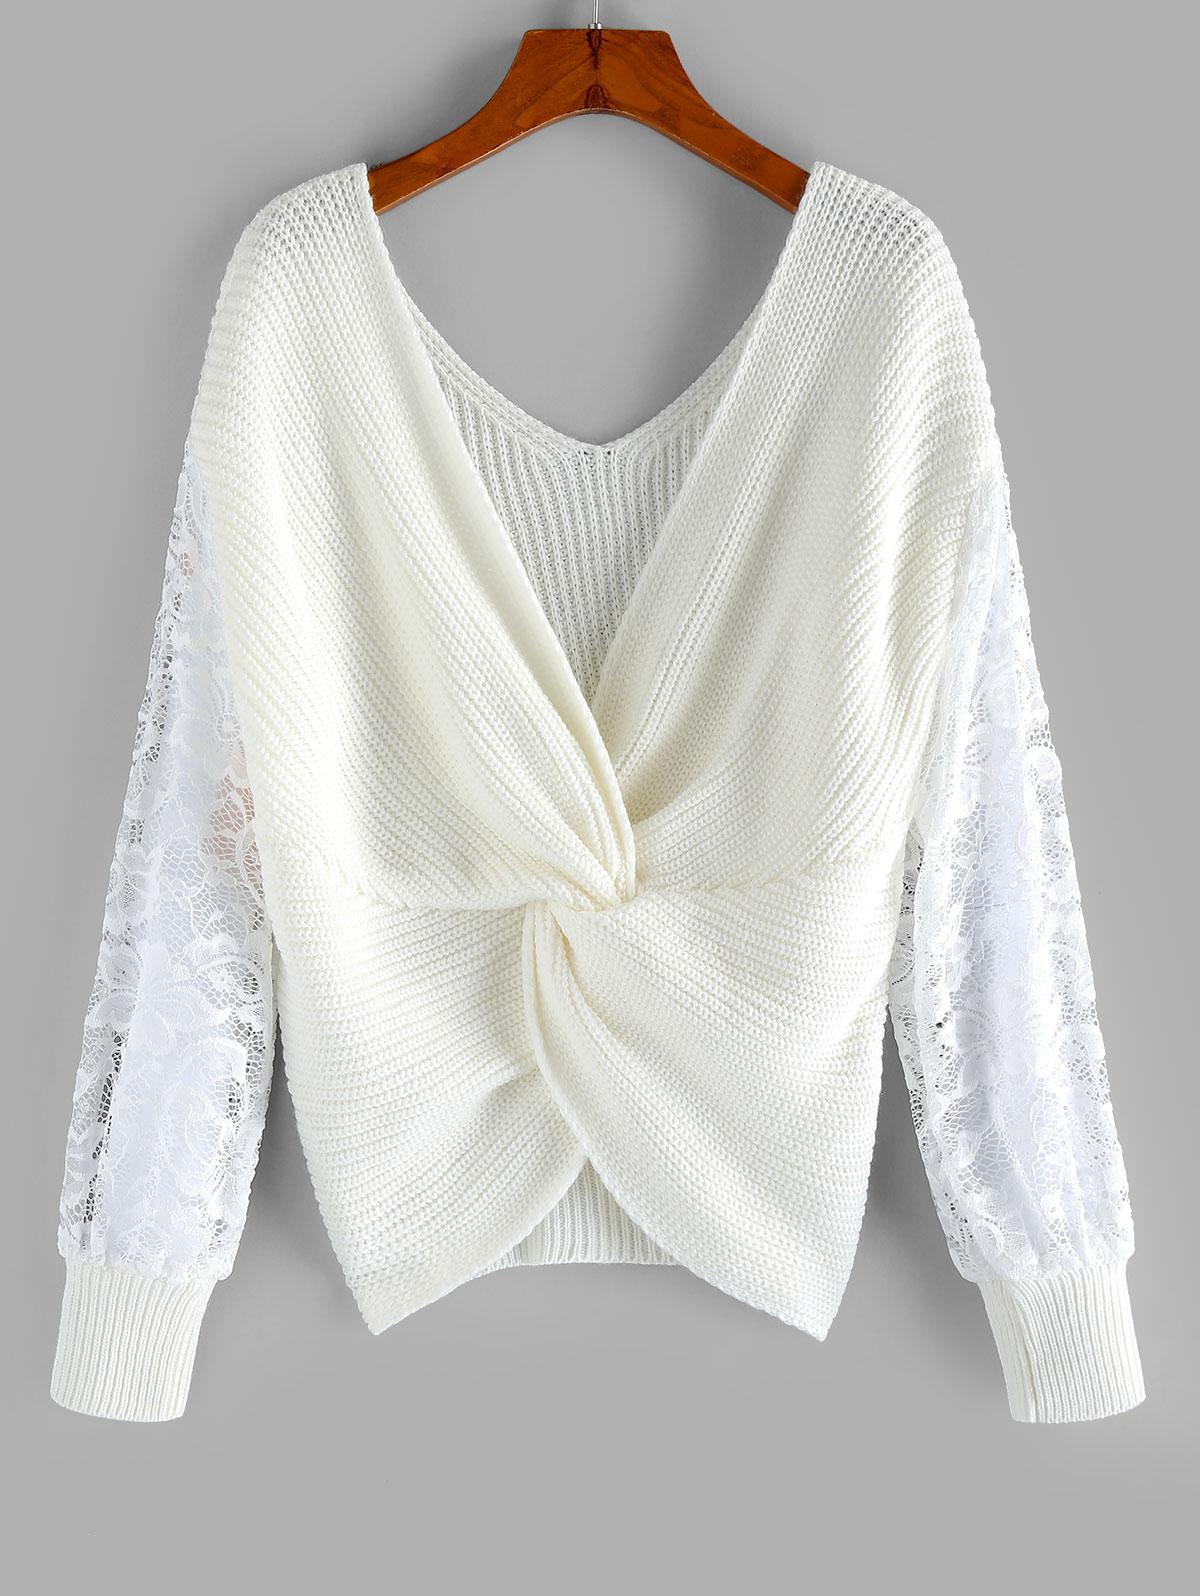 ZAFUL Lace Insert Back Twist Sweater